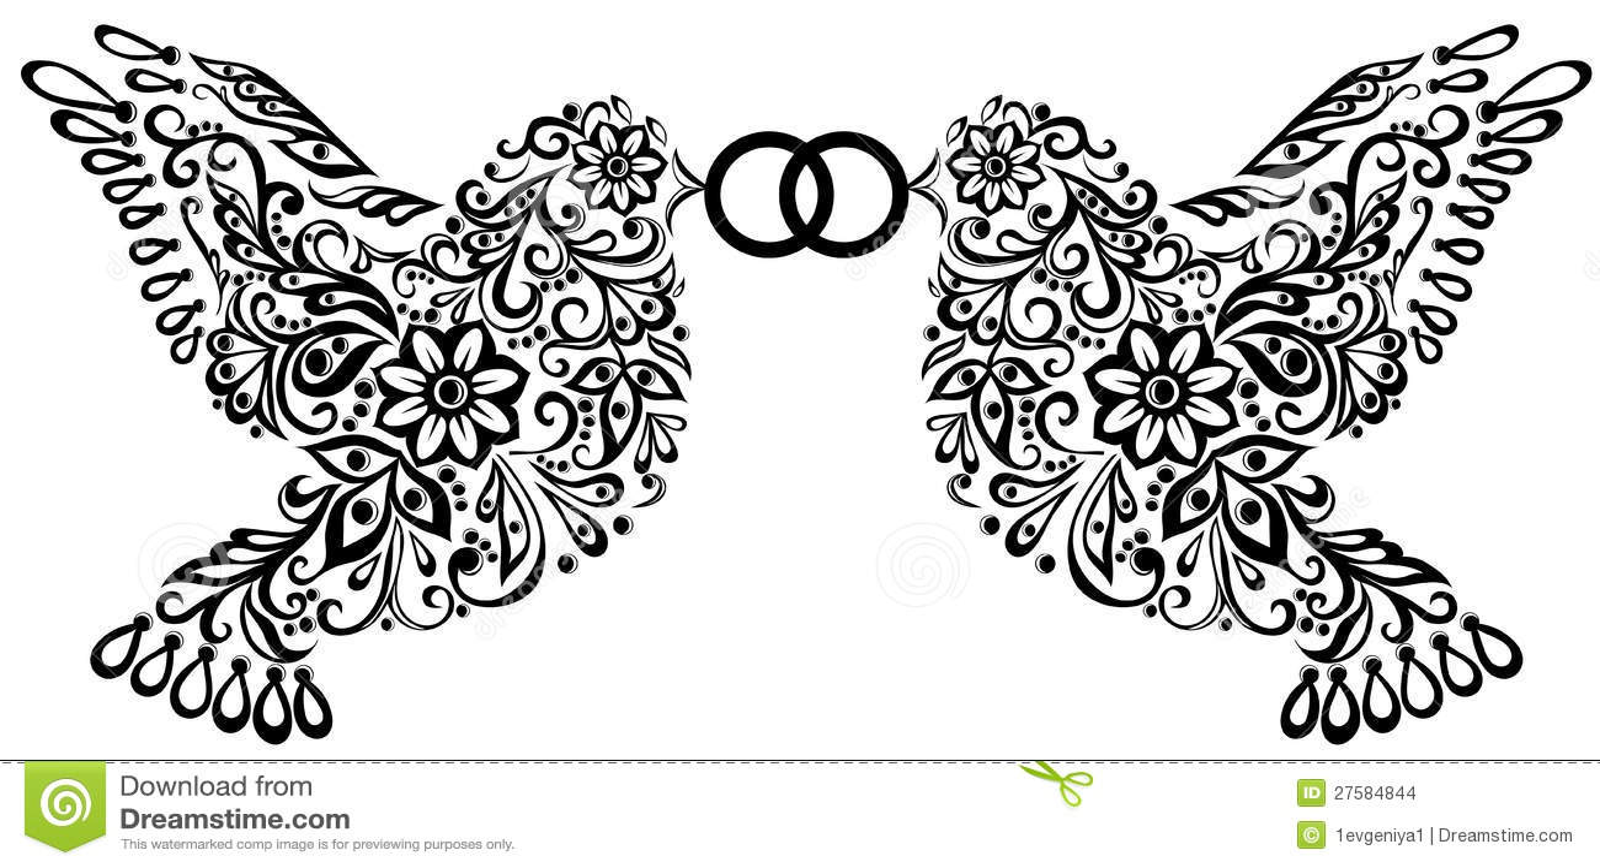 Grey and silver bridal wedding